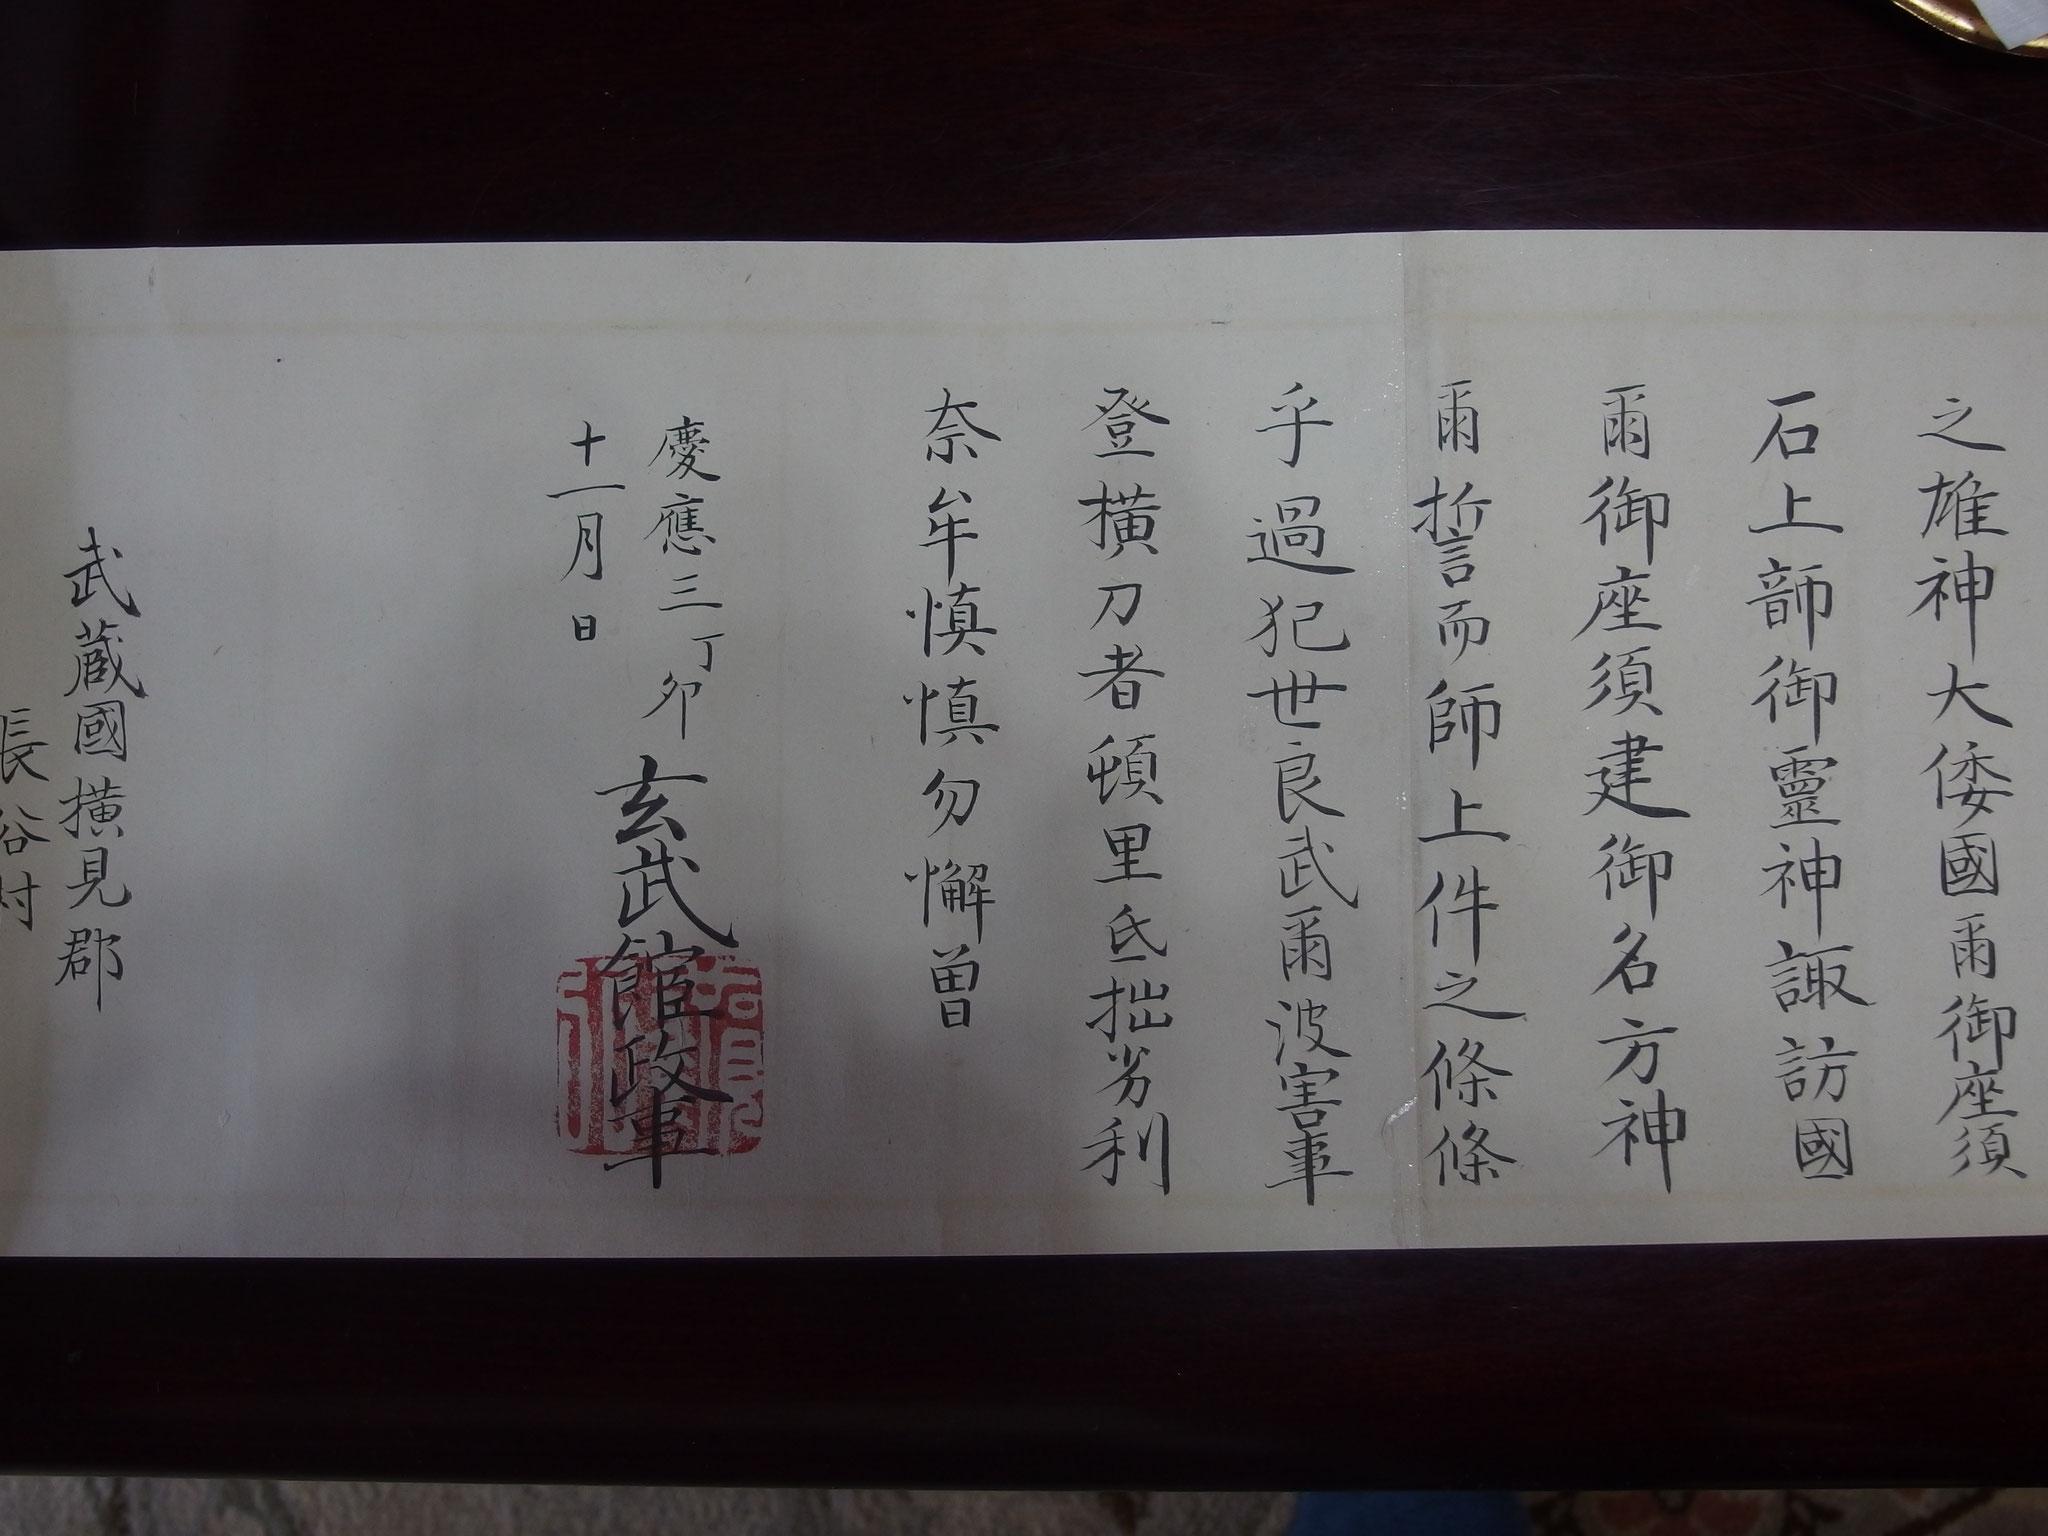 諏訪大社 南方刀美神タケミナカタの神に誓う書